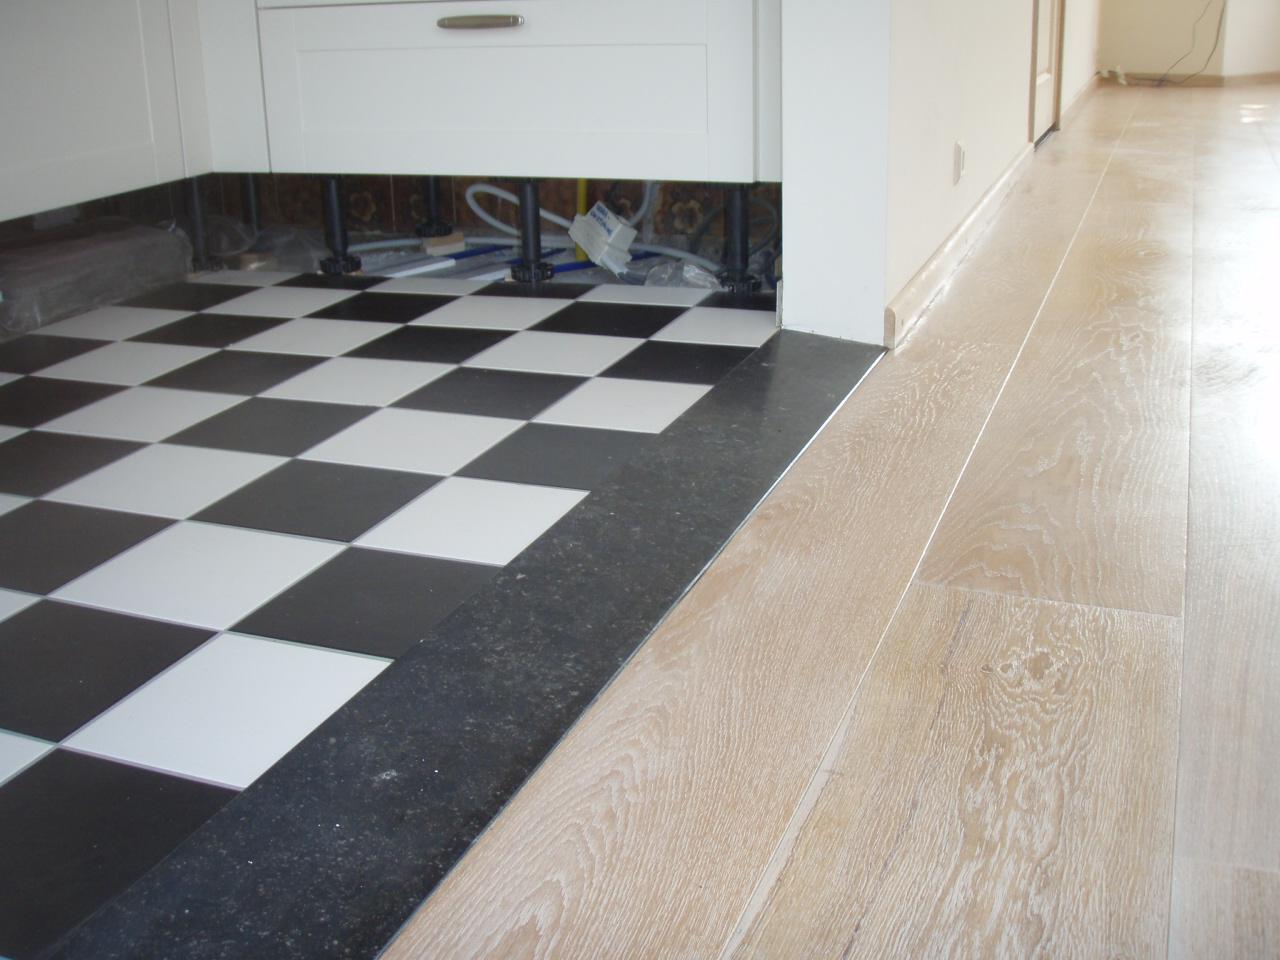 Realisatie vloerverwarming te beverwijk rr bouwadvies - Dek een terras met tegels ...